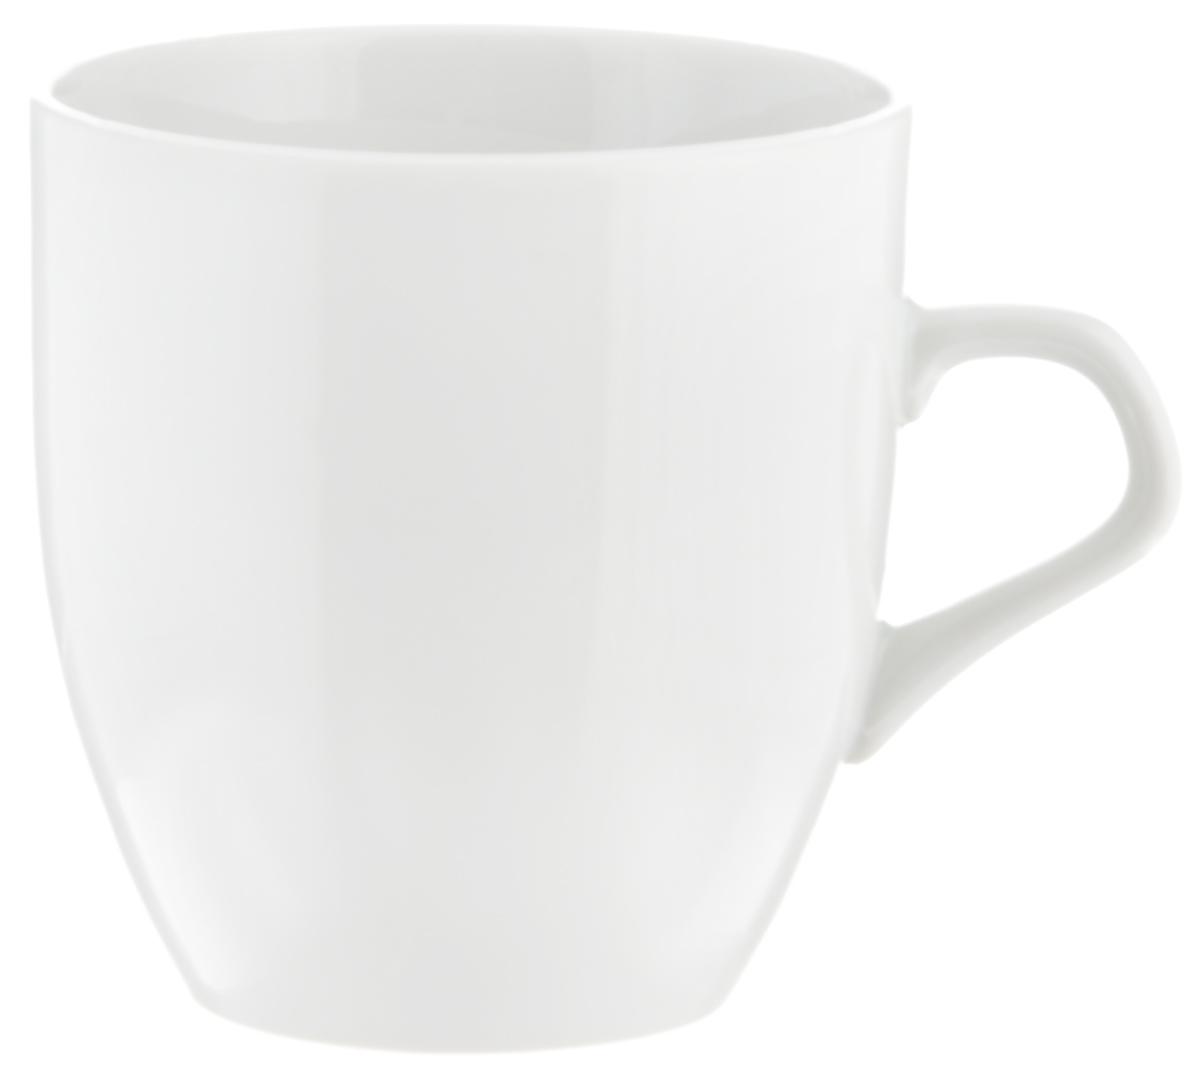 Кружка Фарфор Вербилок Тюльпан, 270 мл391602Красивая кружка Фарфор Вербилок Тюльпан способна скрасить любое чаепитие. Изделие выполнено из высококачественного фарфора. Посуда из такого материала позволяет сохранить истинный вкус напитка, а также помогает ему дольше оставаться теплым.Объем кружки: 270 мл.Диаметр по верхнему краю: 8,2 см.Диаметр основания: 5,5 см.Высота кружки: 8,5 см.